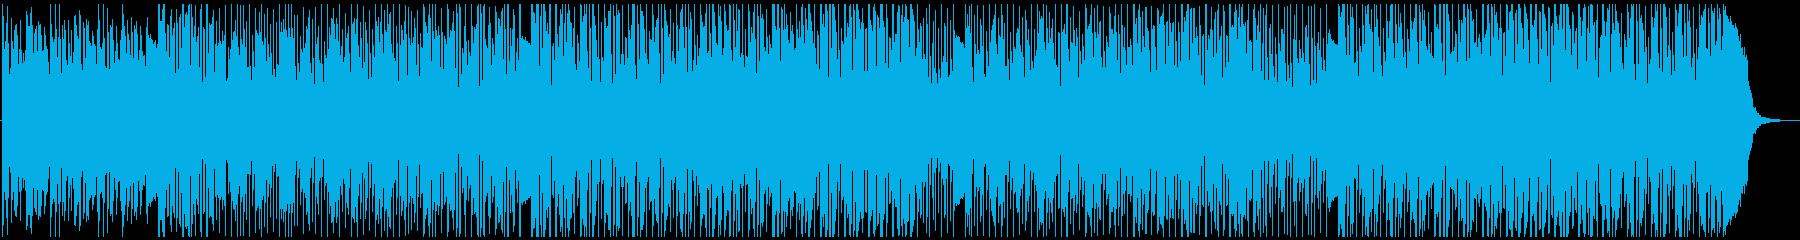 ポップ テクノ テクノロジー ドラムの再生済みの波形